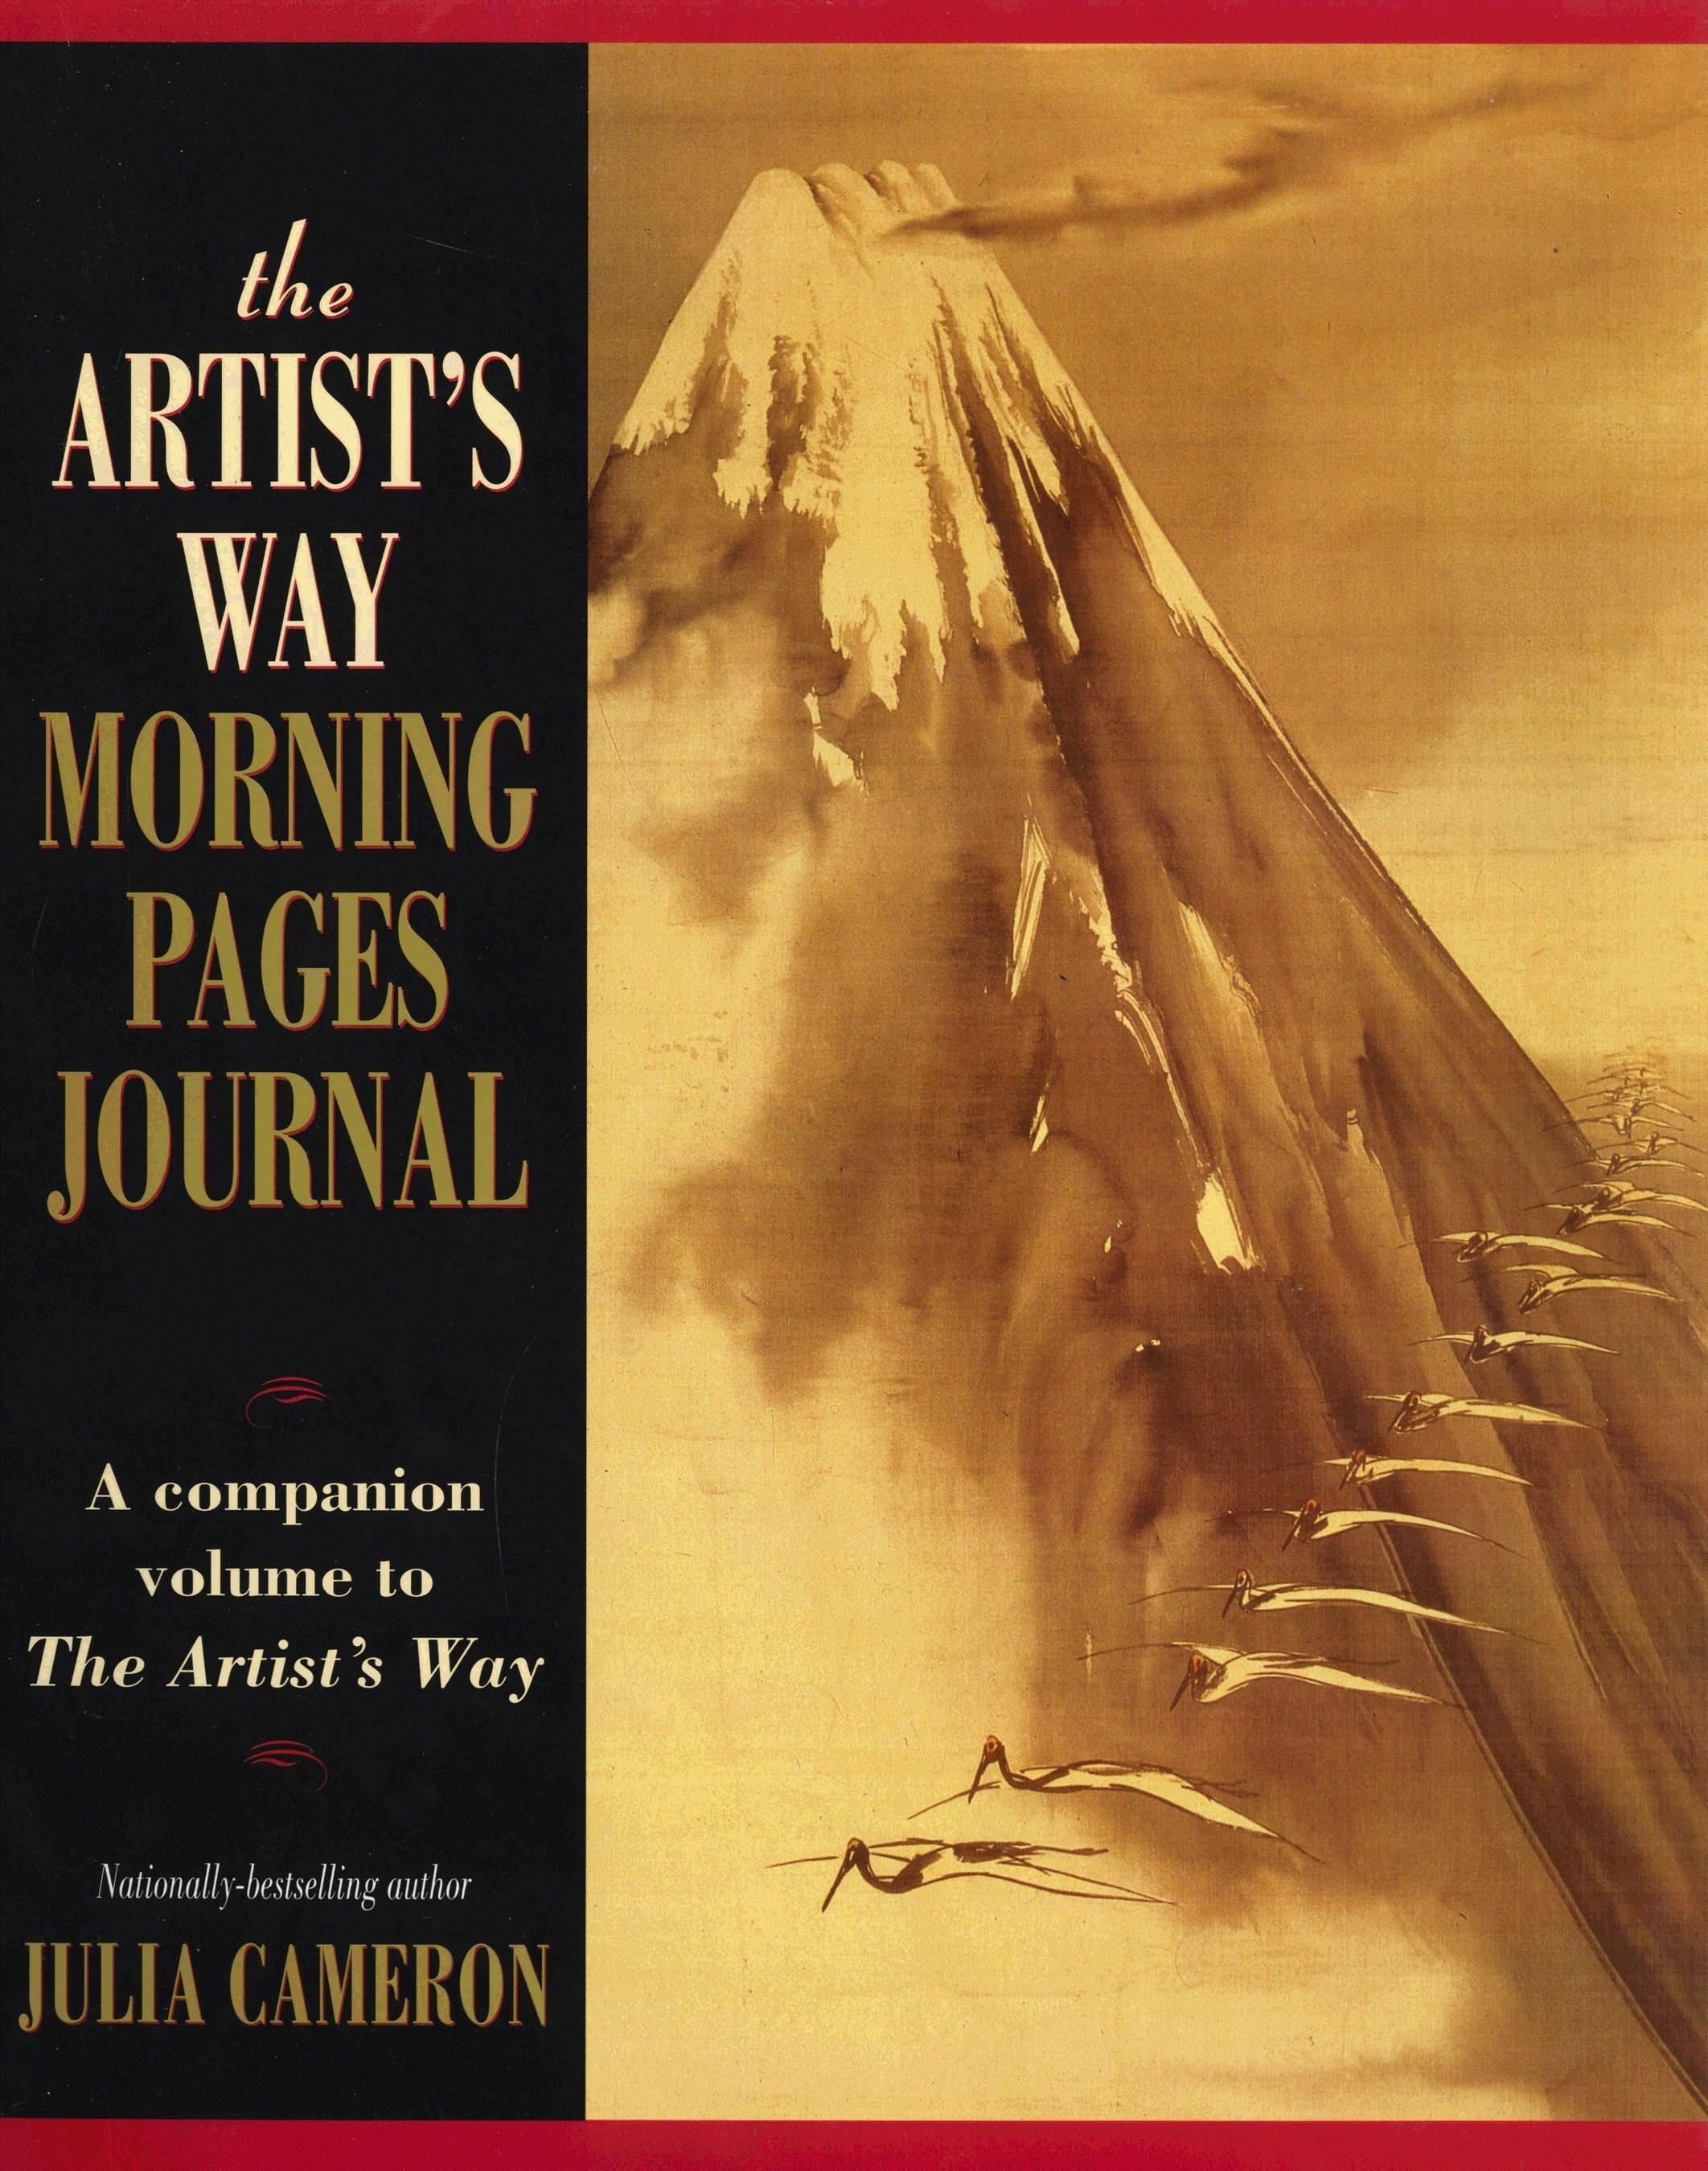 Julia Cameron presenta el único Retiro El Camino del Artista de este año en la región occidental de